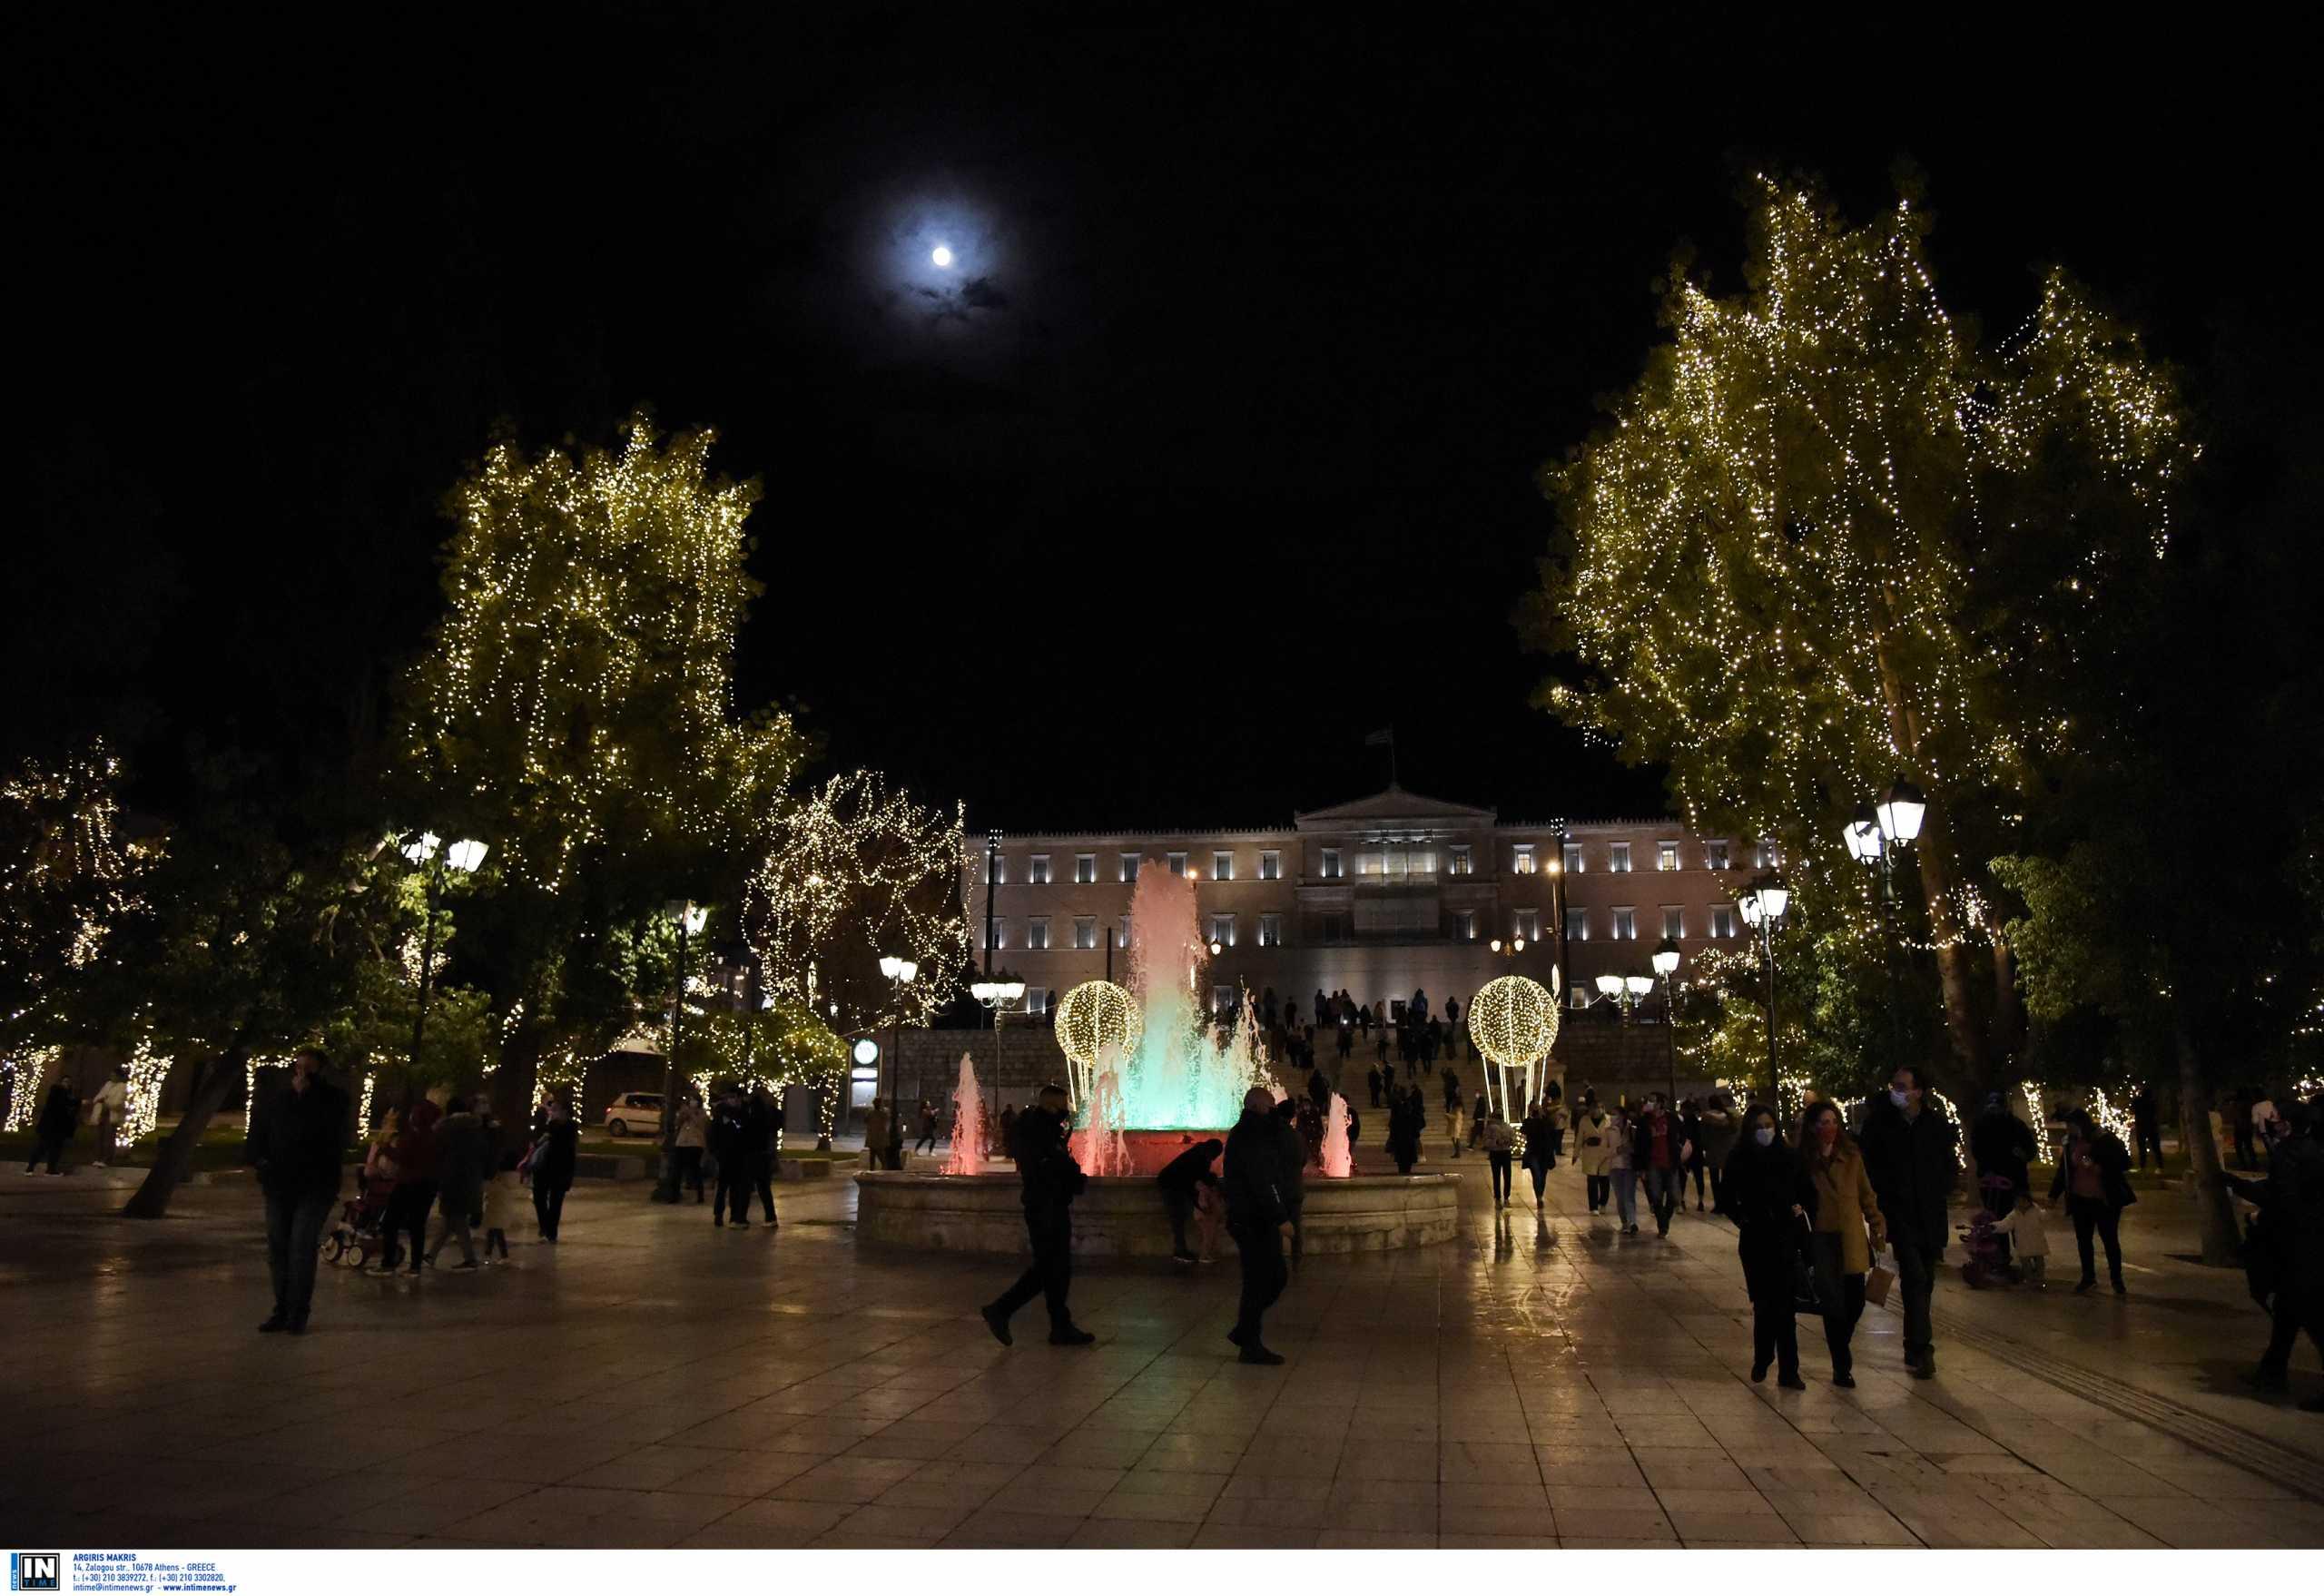 Παραμονή Πρωτοχρονιάς στην Αθήνα: Το υπερθέαμα που ετοιμάζει ο Δήμος Αθηναίων